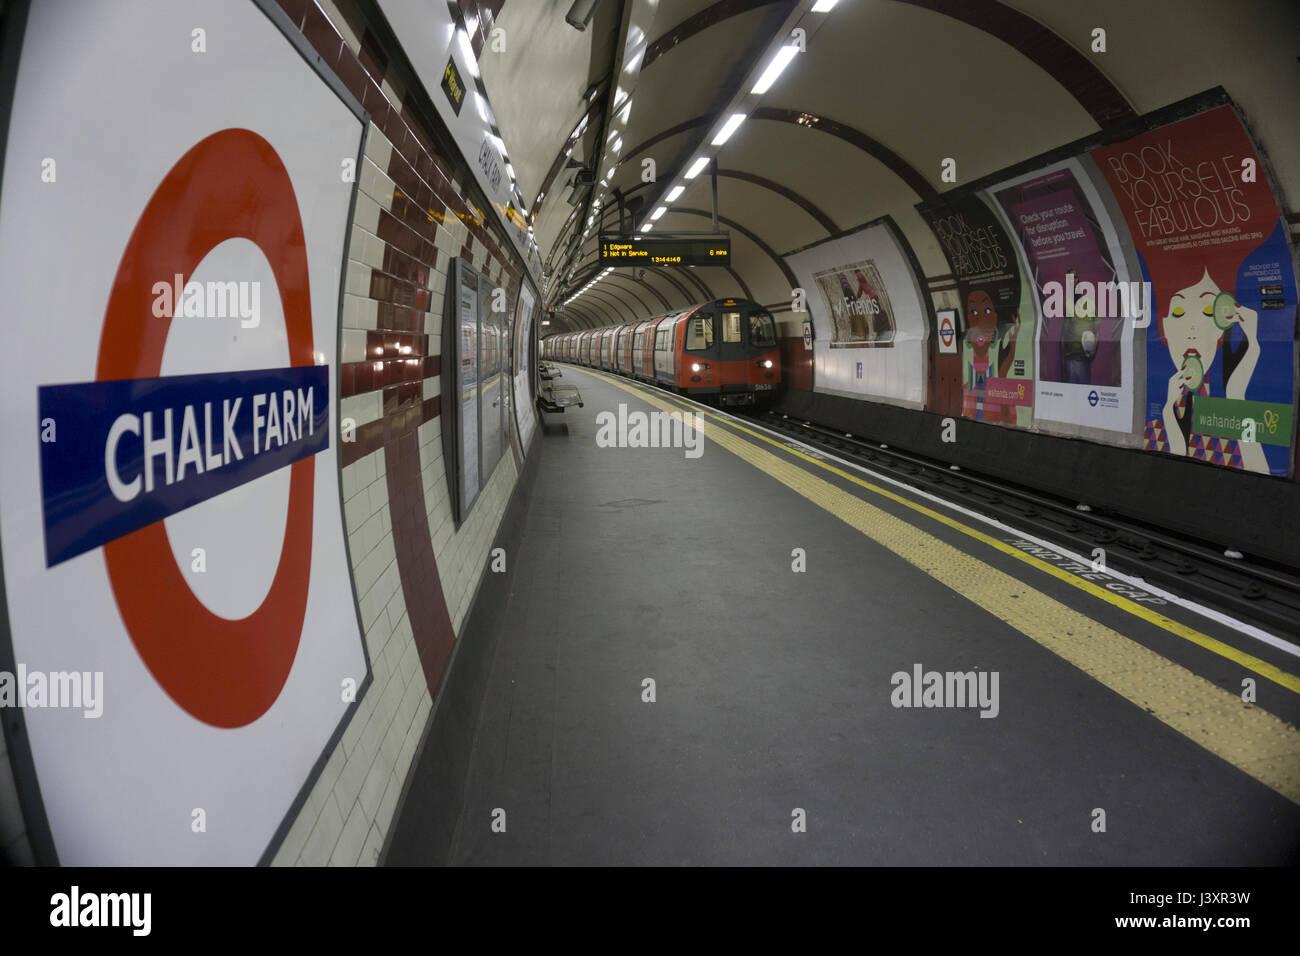 La station de métro Chalk Farm sur la ligne du nord de Londres, l'arrêt le plus proche de Camden market Photo Stock